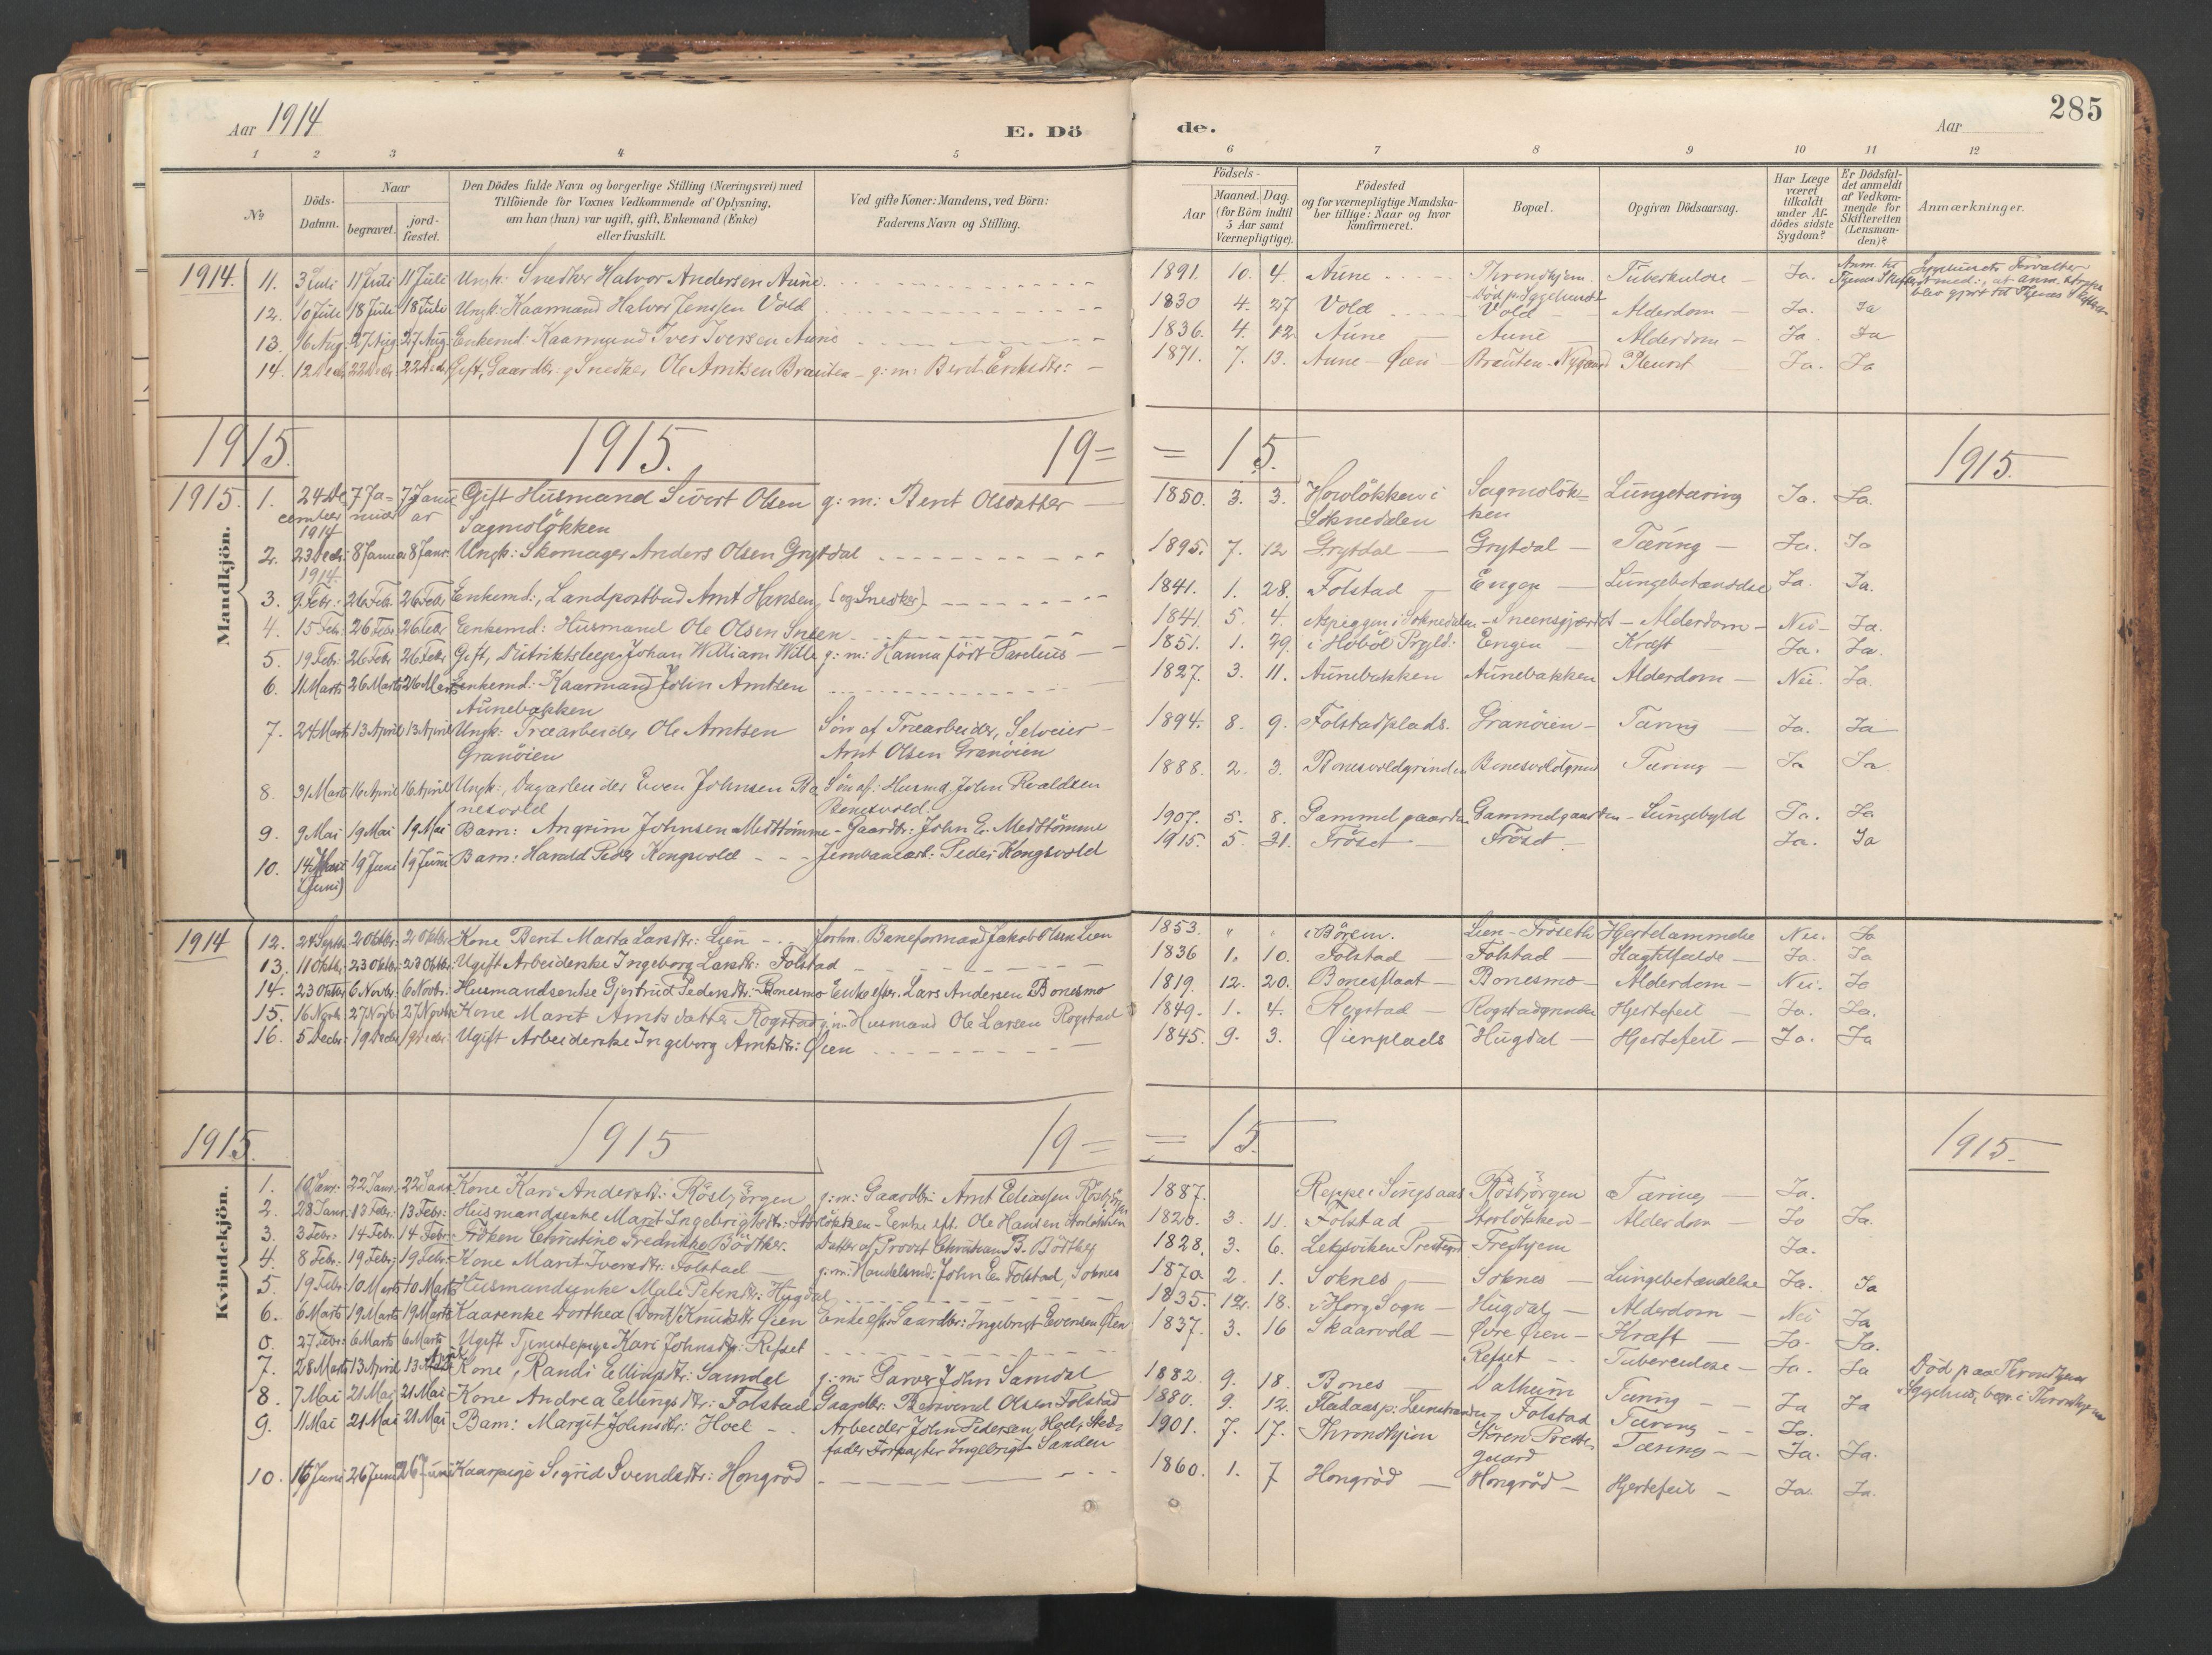 SAT, Ministerialprotokoller, klokkerbøker og fødselsregistre - Sør-Trøndelag, 687/L1004: Ministerialbok nr. 687A10, 1891-1923, s. 285